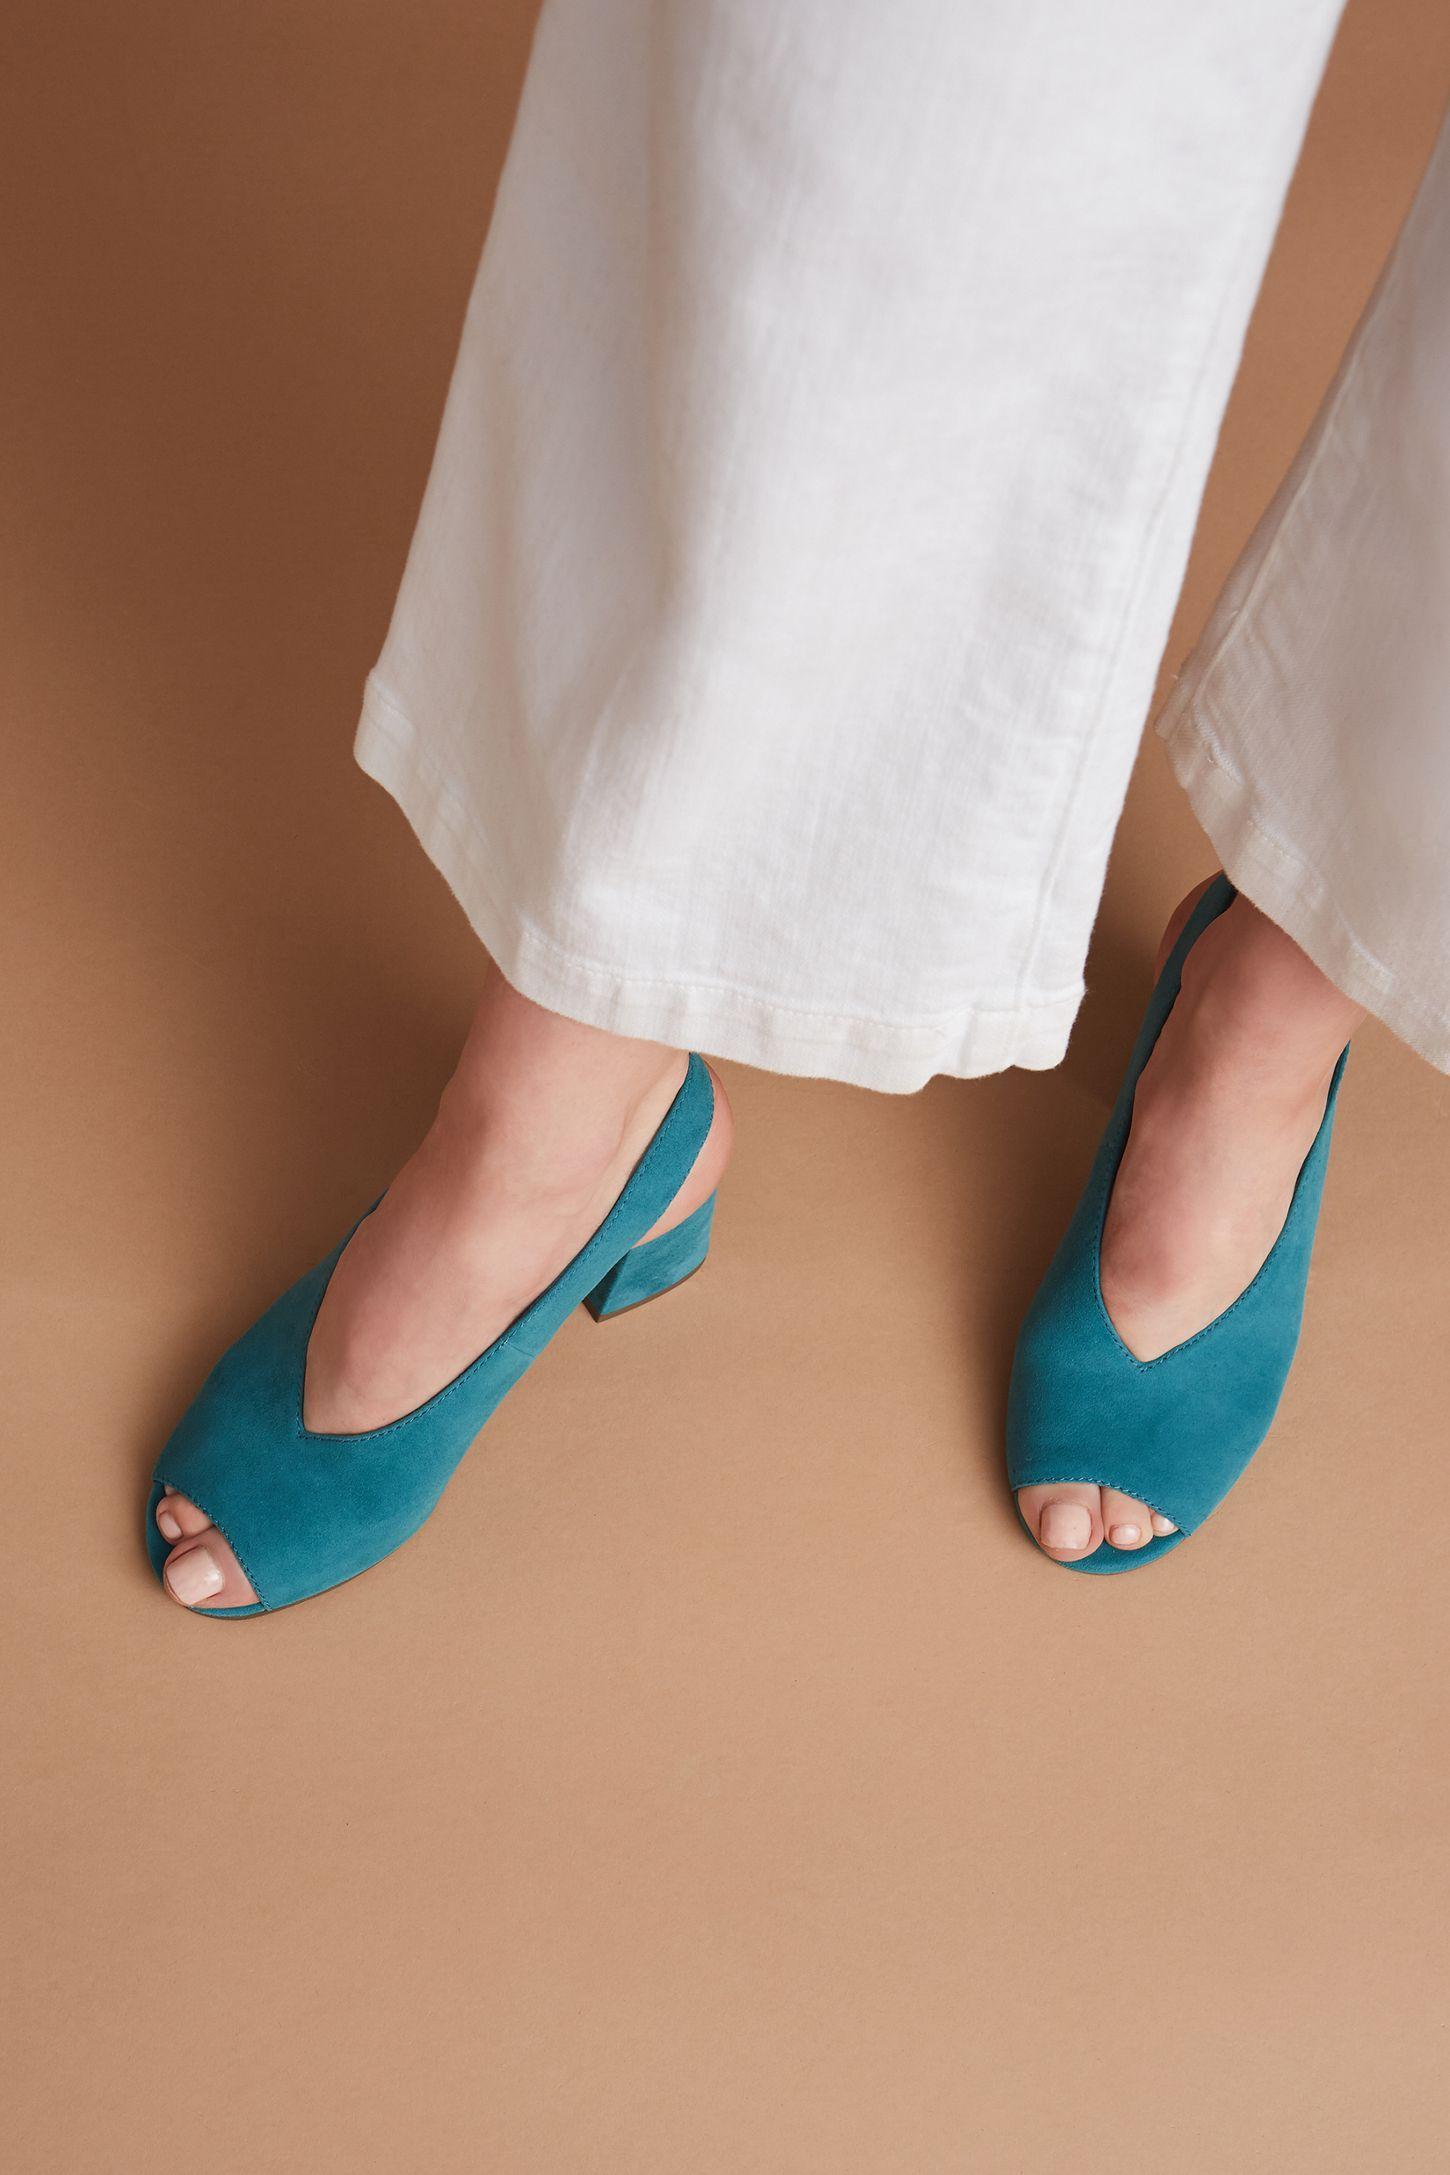 ce3c1c26ba Seychelles Playwright Heeled Slingbacks | Shoes II | Slingback shoes ...